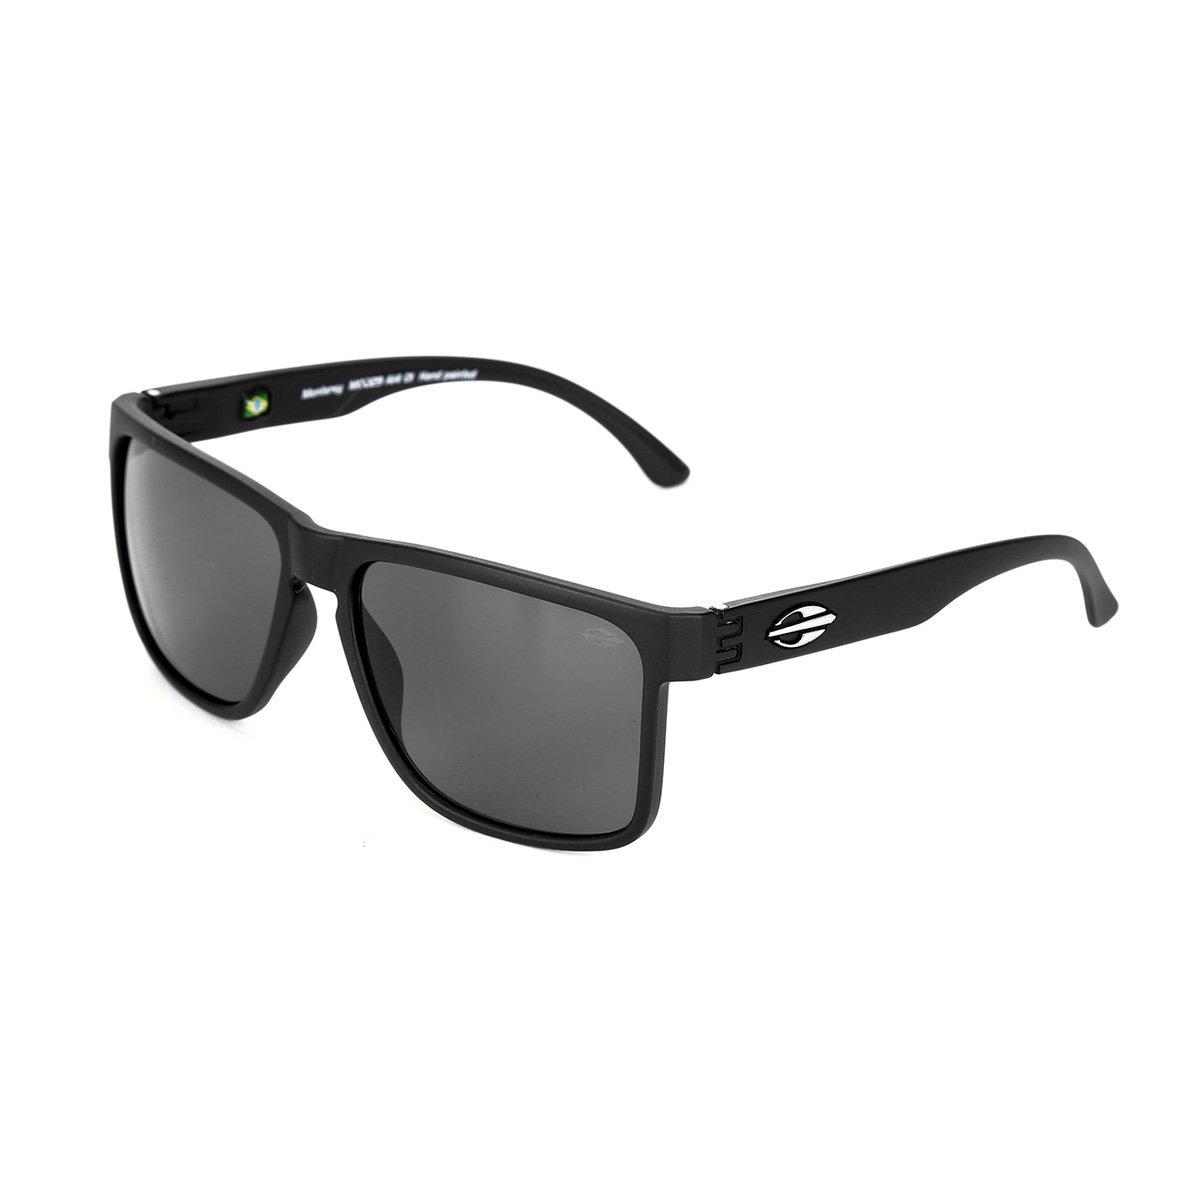 Óculos de Sol Mormaii Monterey Fosco Masculino - Preto - Compre ... 8aa44bdd40